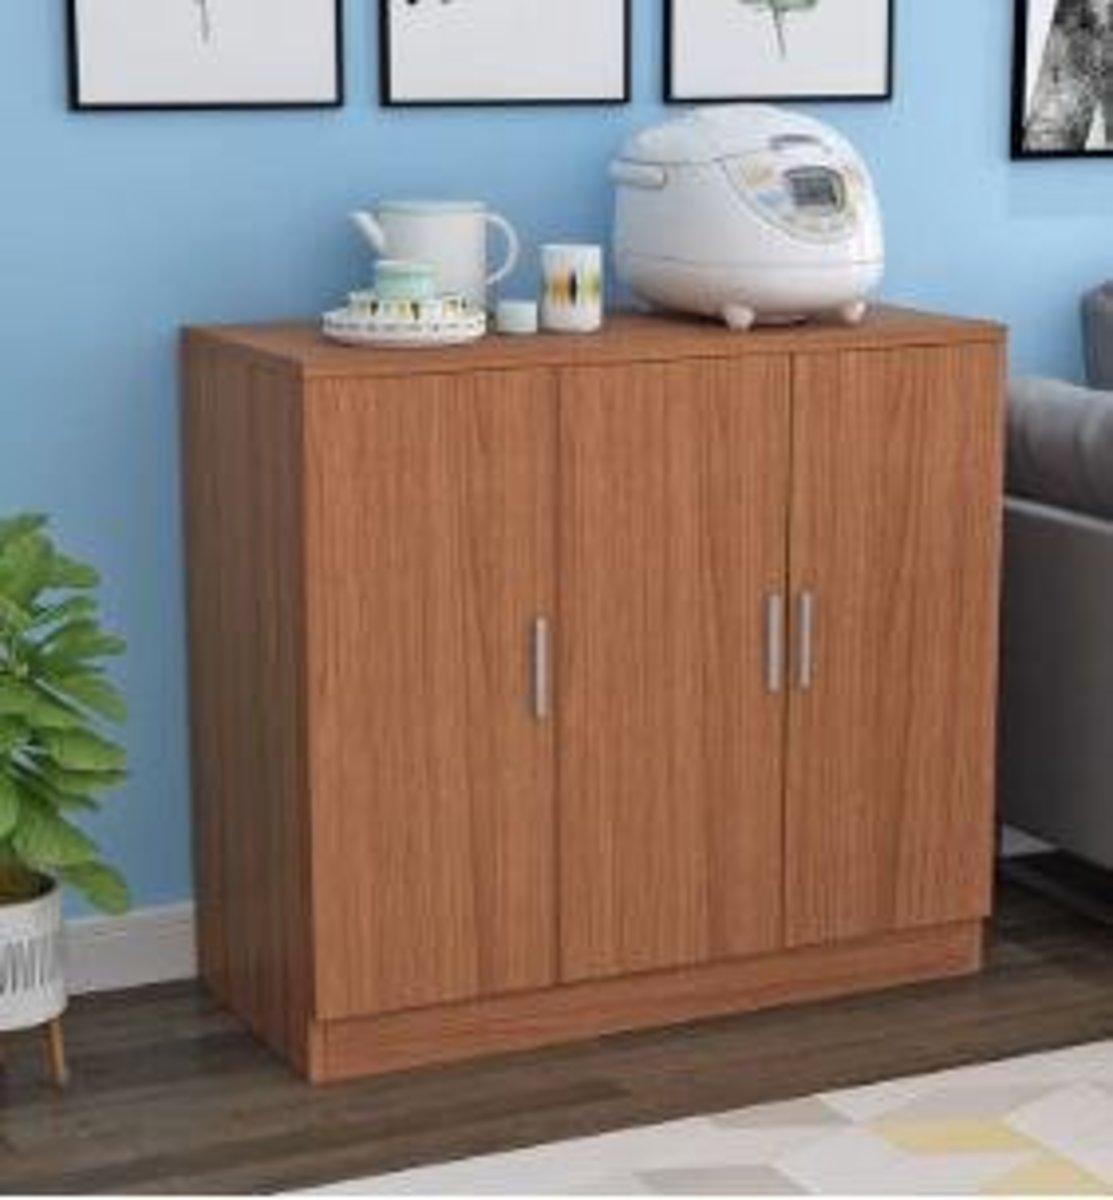 現代簡約收納儲物櫃:棕胡桃色80高100寬40深